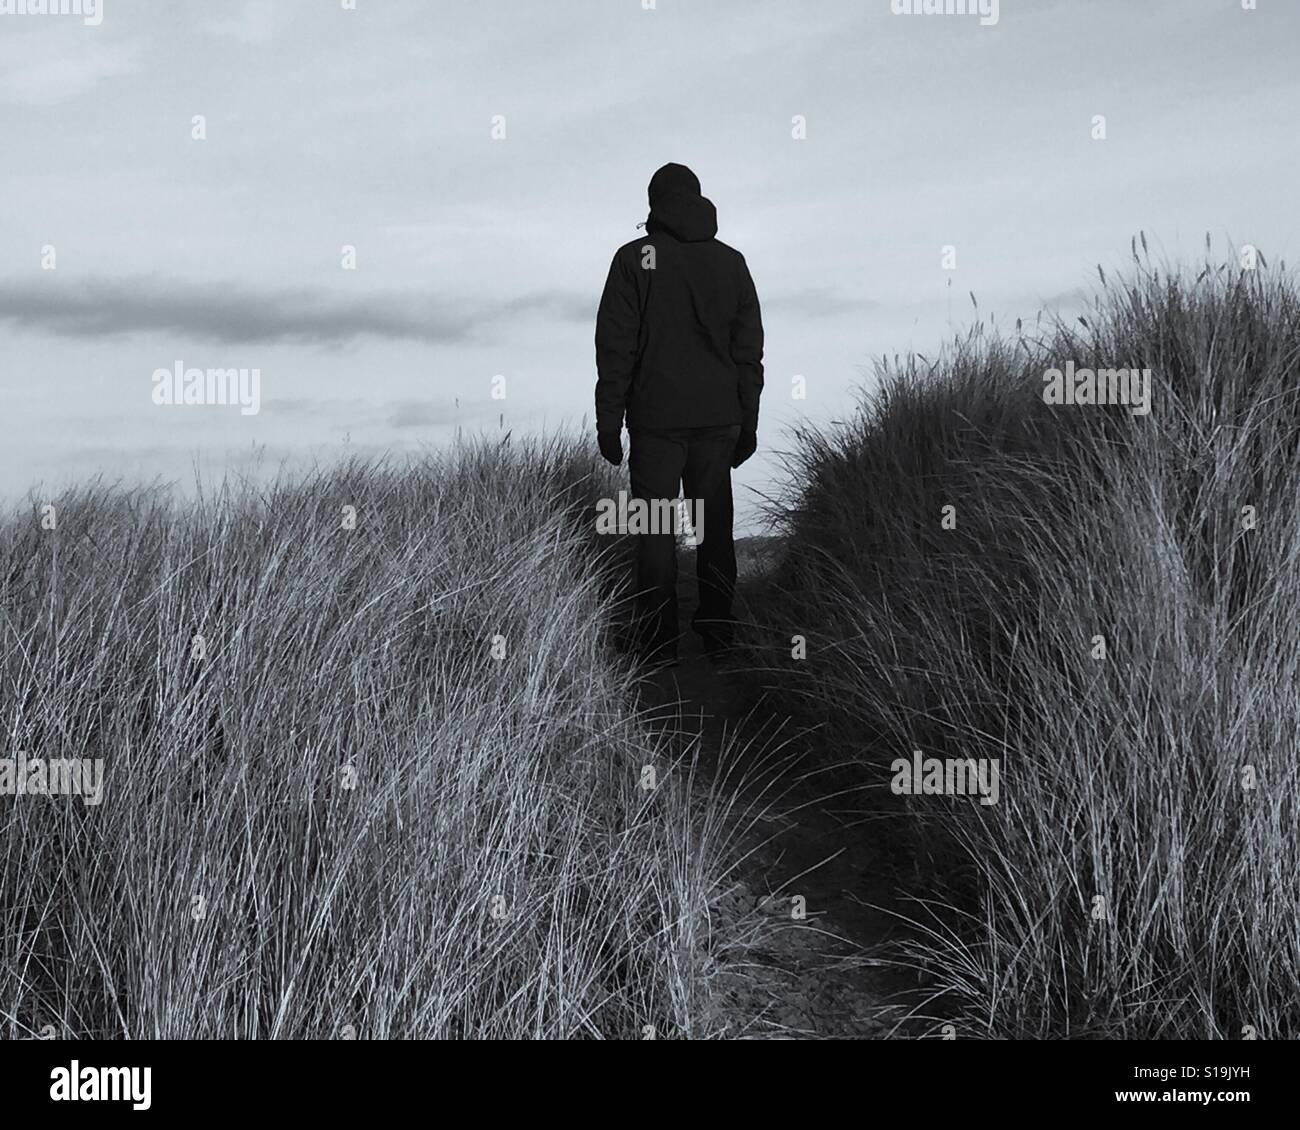 Silueta de un hombre de pie sobre una pista en las dunas de arena. Foto de stock